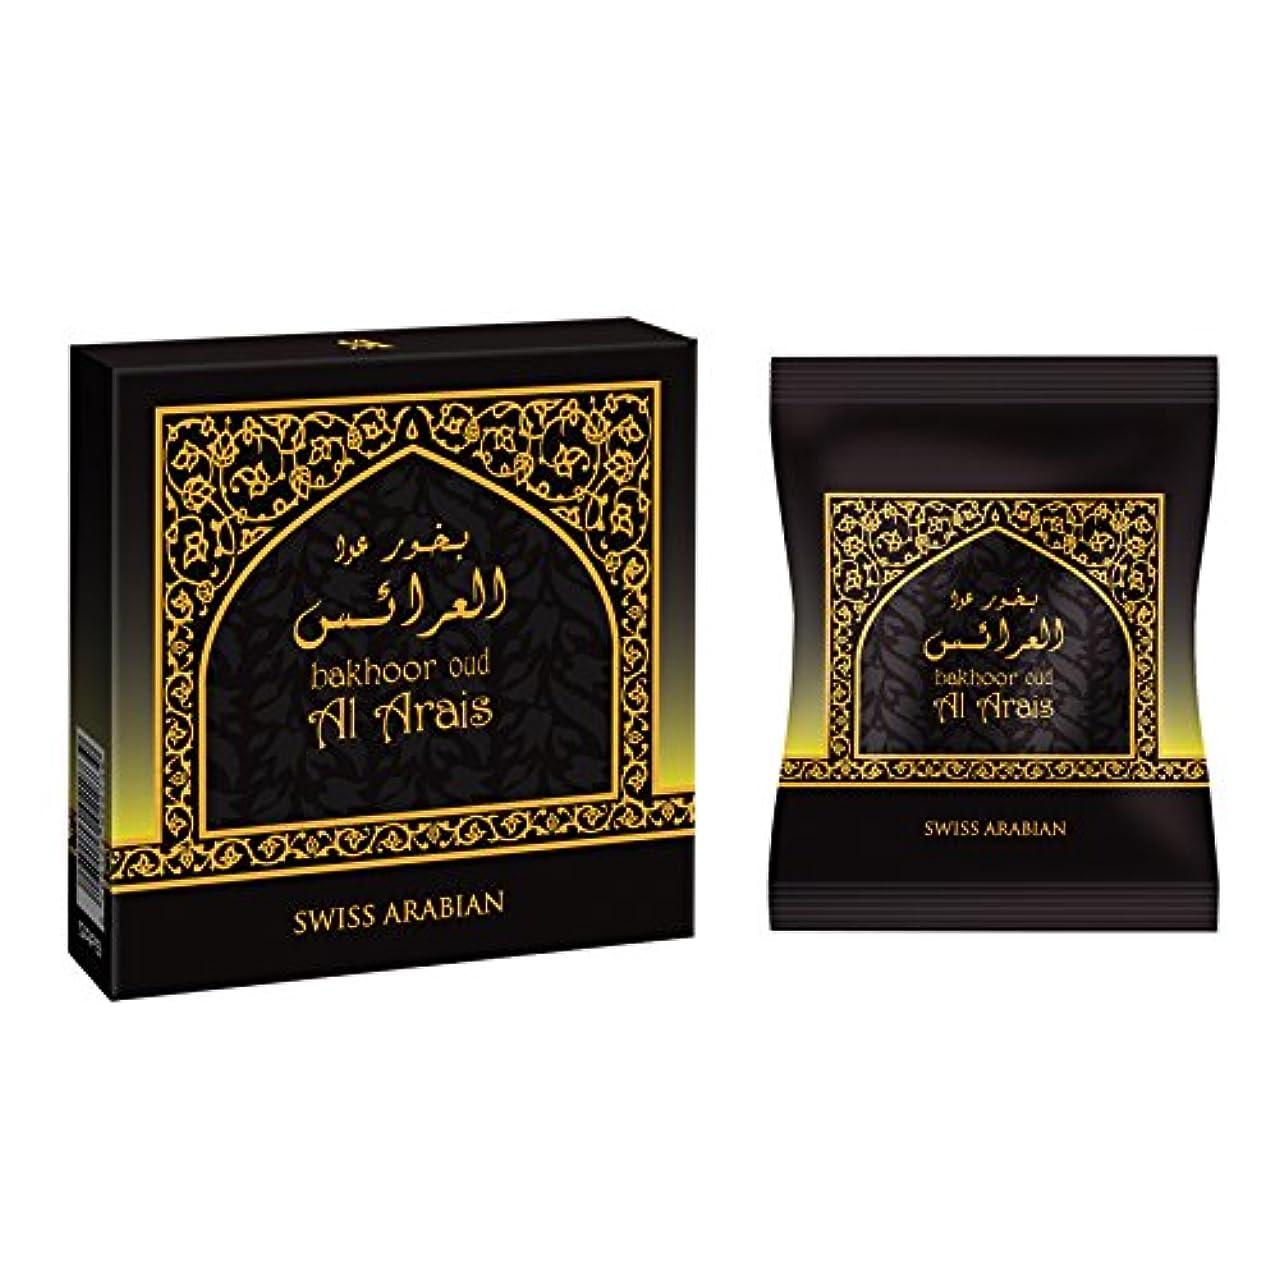 しなやかな奇跡的な人工swissarabian Oud Al Arais Bakhoor (40g) Incense